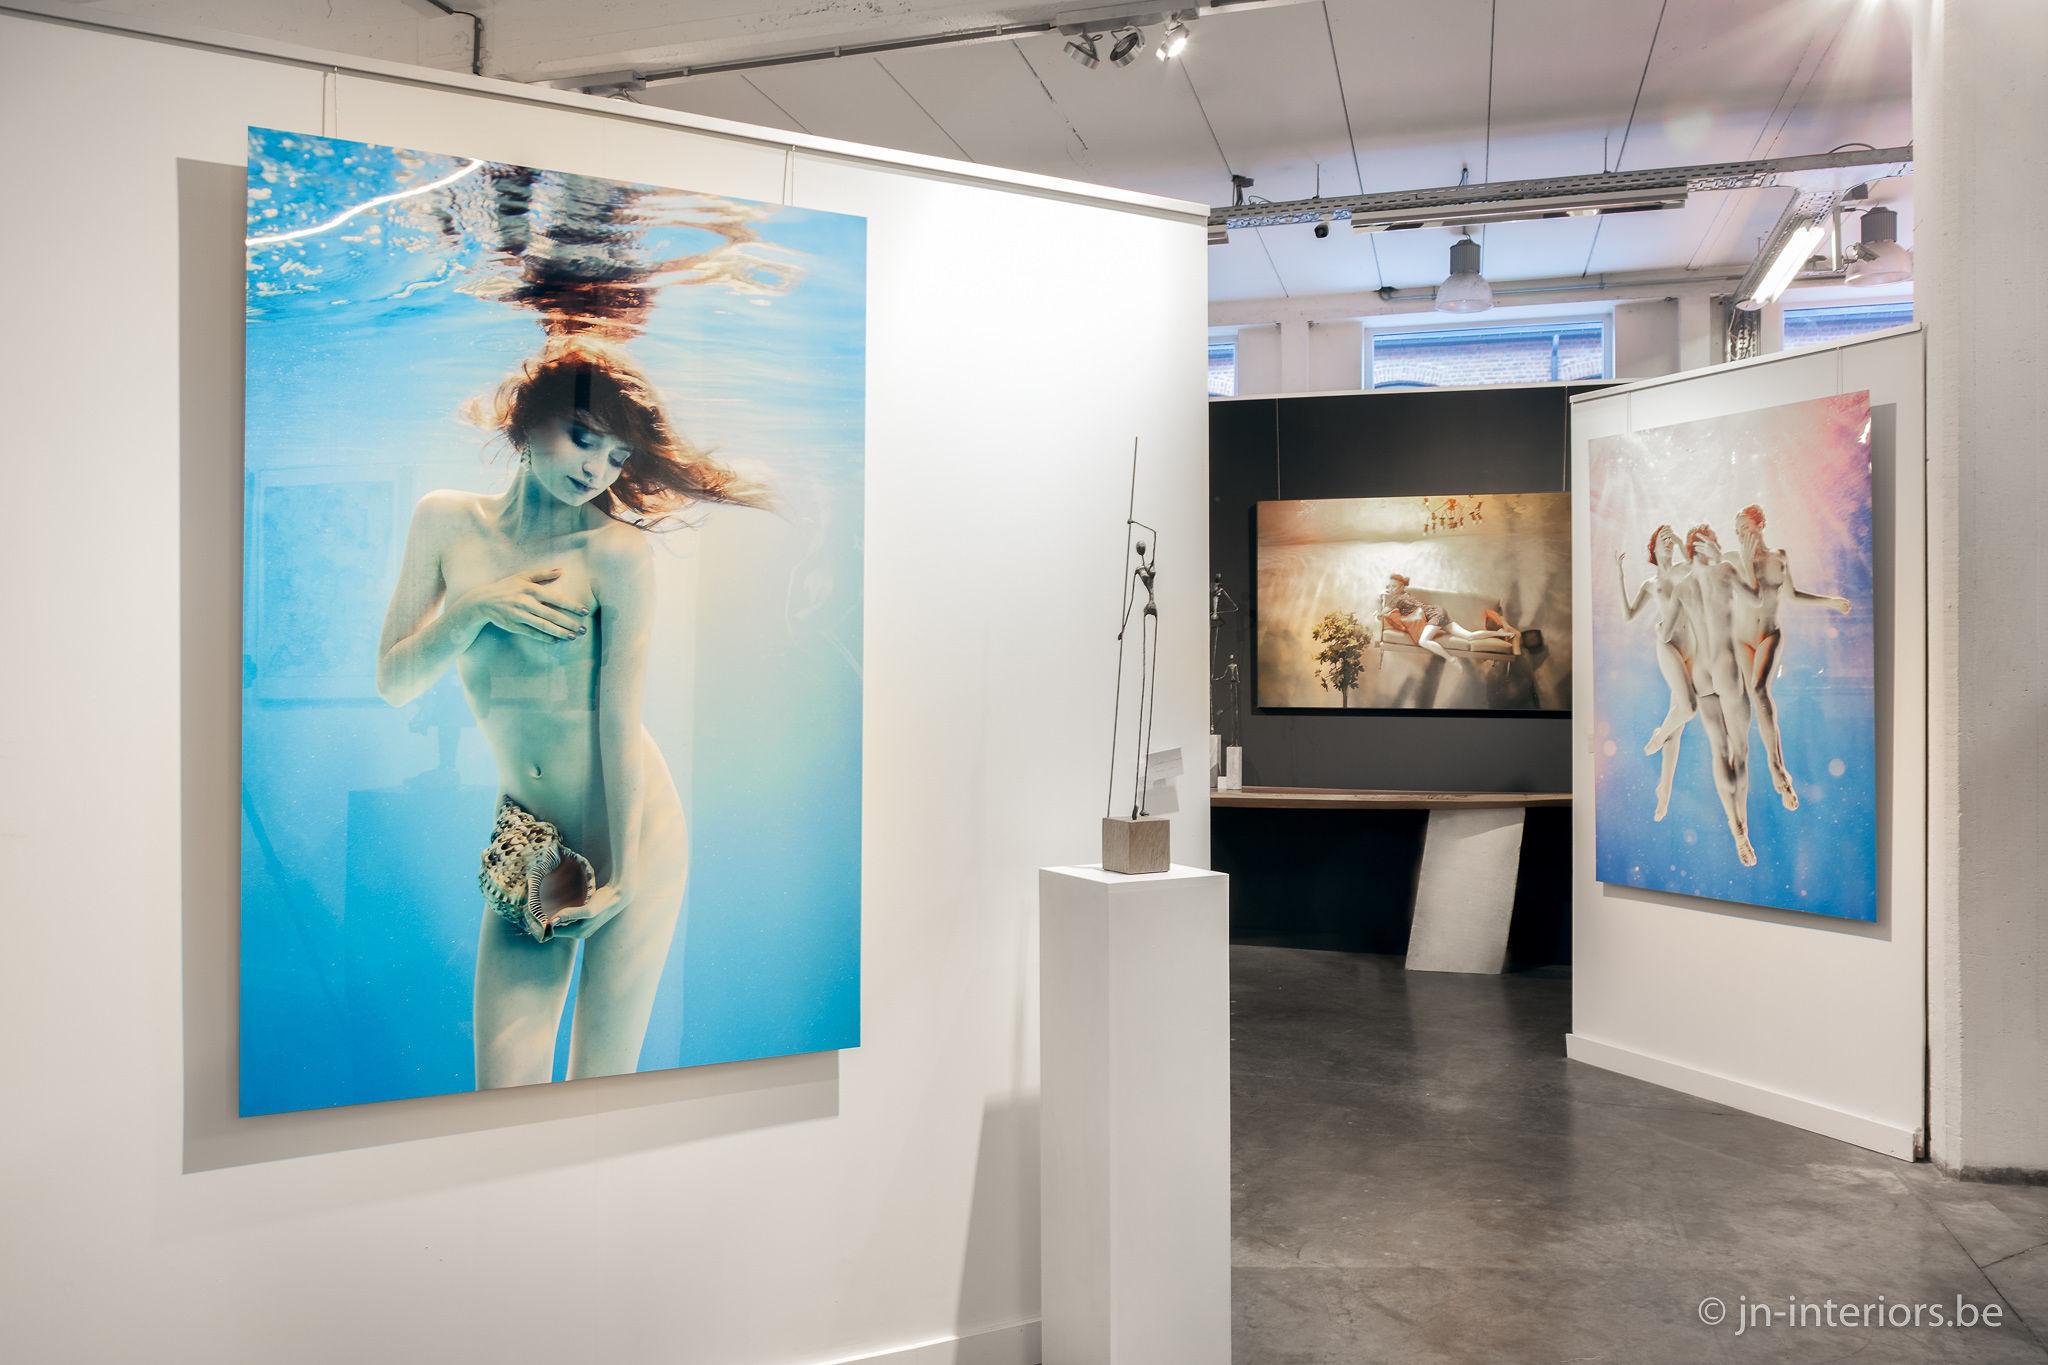 photographe belge, harry fayt, exposition d'art, jn interiors, magasin de décoration, oeuvre d'art, jour et nuit liège verviers